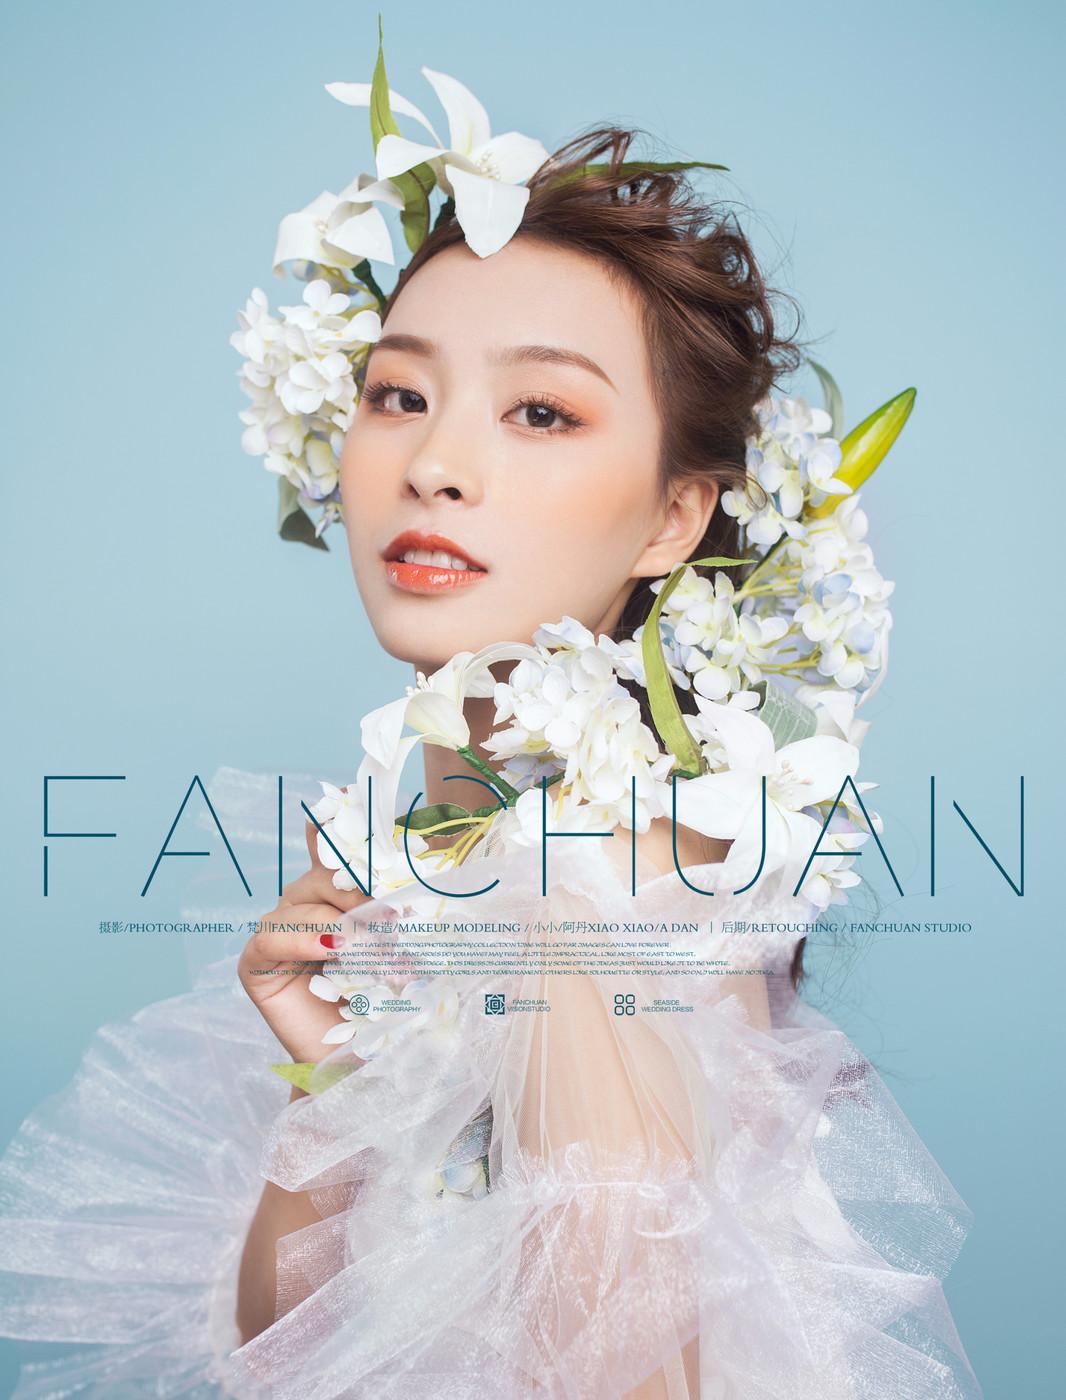 FANCHUAN STUDIO【美妆摄影】1